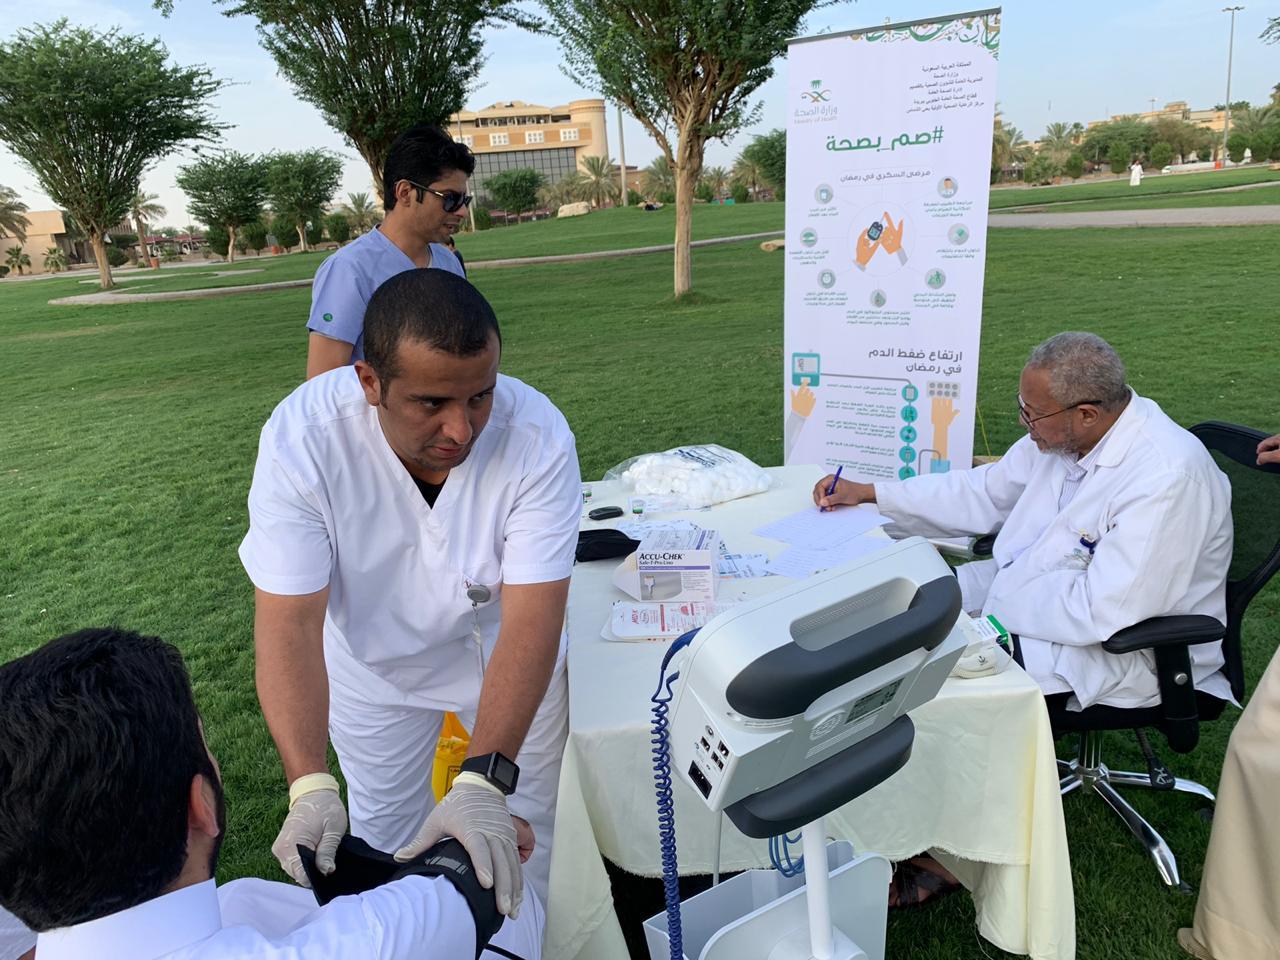 مركز صحي الشماس يفعل حملة #صم_بصحة بمضمار حديقة البلدية